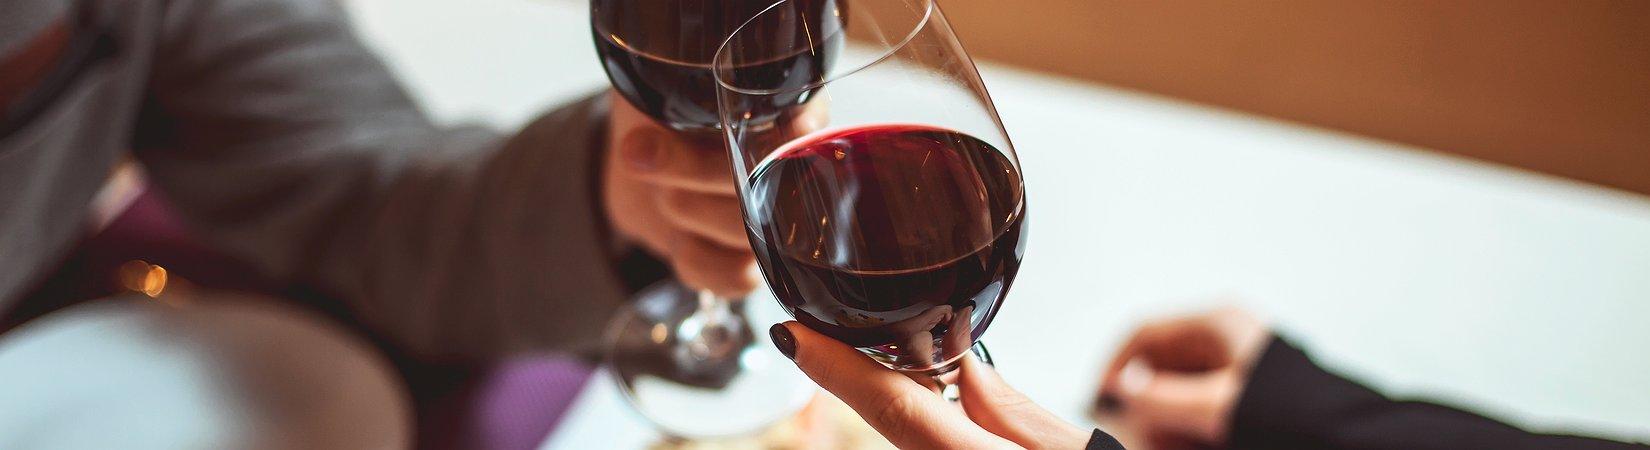 14 Dicas simples para apreciadores de vinho